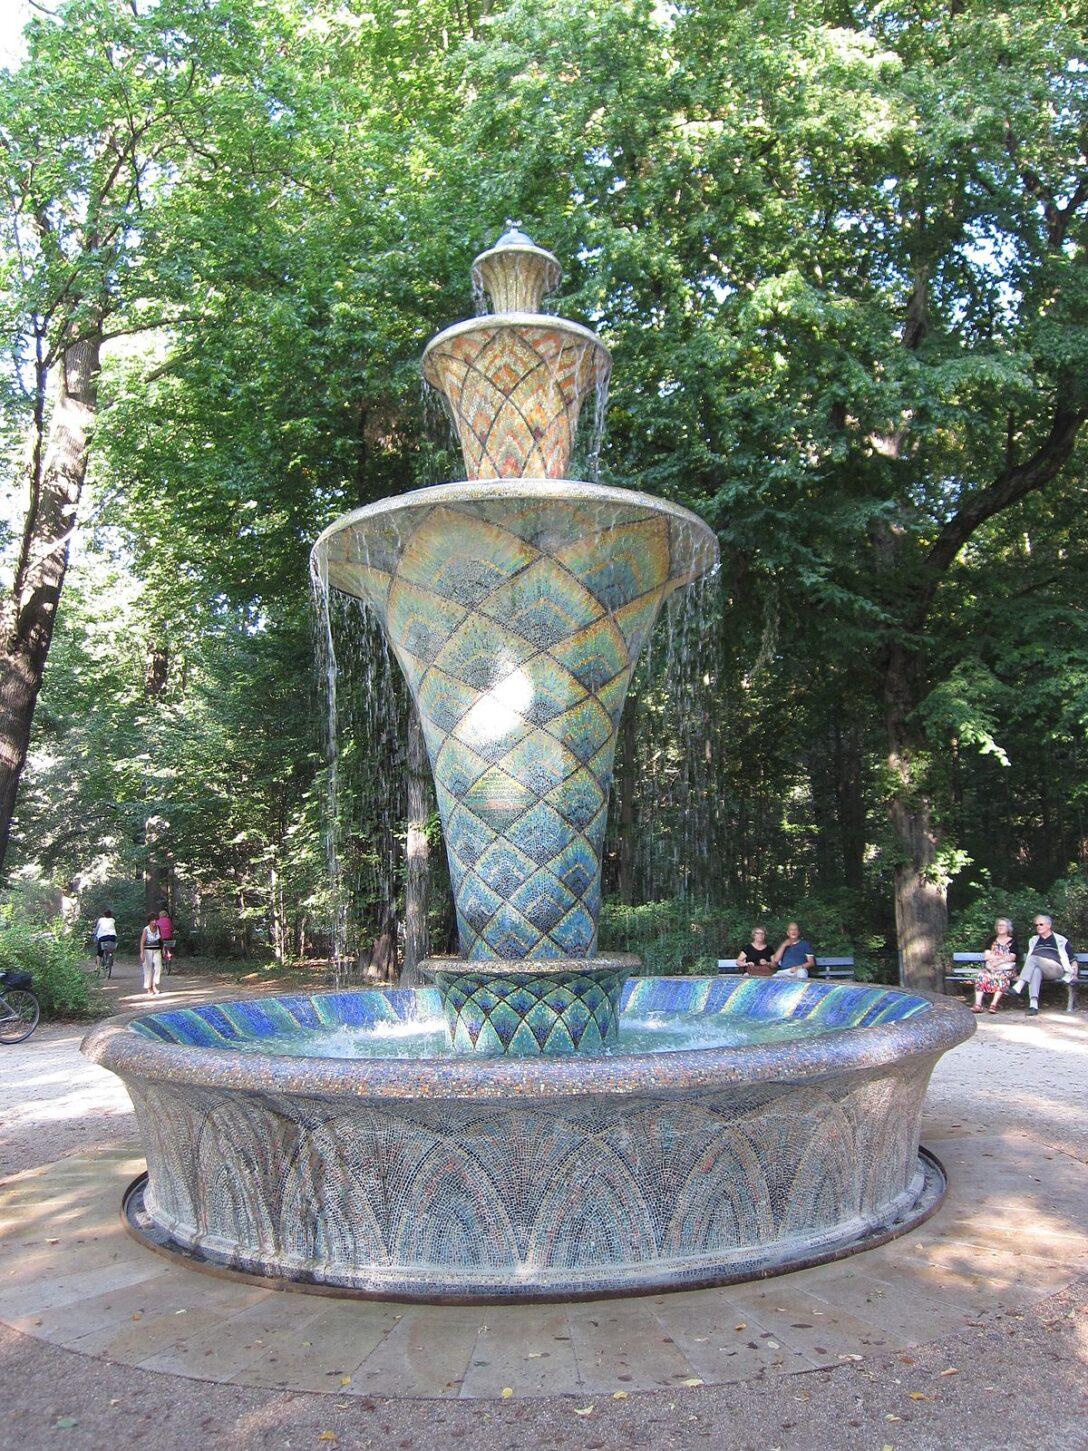 Large Size of Mosaikbrunnen Selber Bauen Brunnen Im Garten Genehmigung Bohren Erlaubt Bayern Eigenen Sind Dusche Einbauen Pool Kopfteil Bett 140x200 180x200 Neue Fenster Wohnzimmer Mosaikbrunnen Selber Bauen